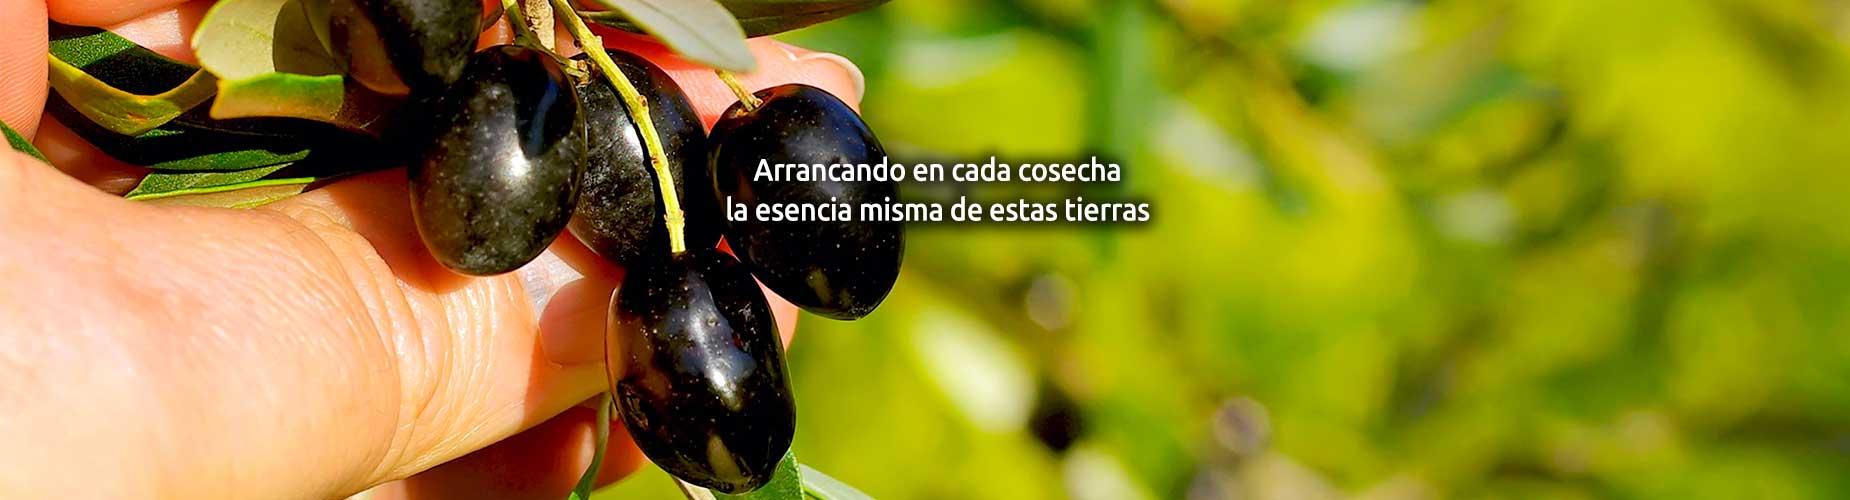 cooperativa Cozar de la Sierra olivas